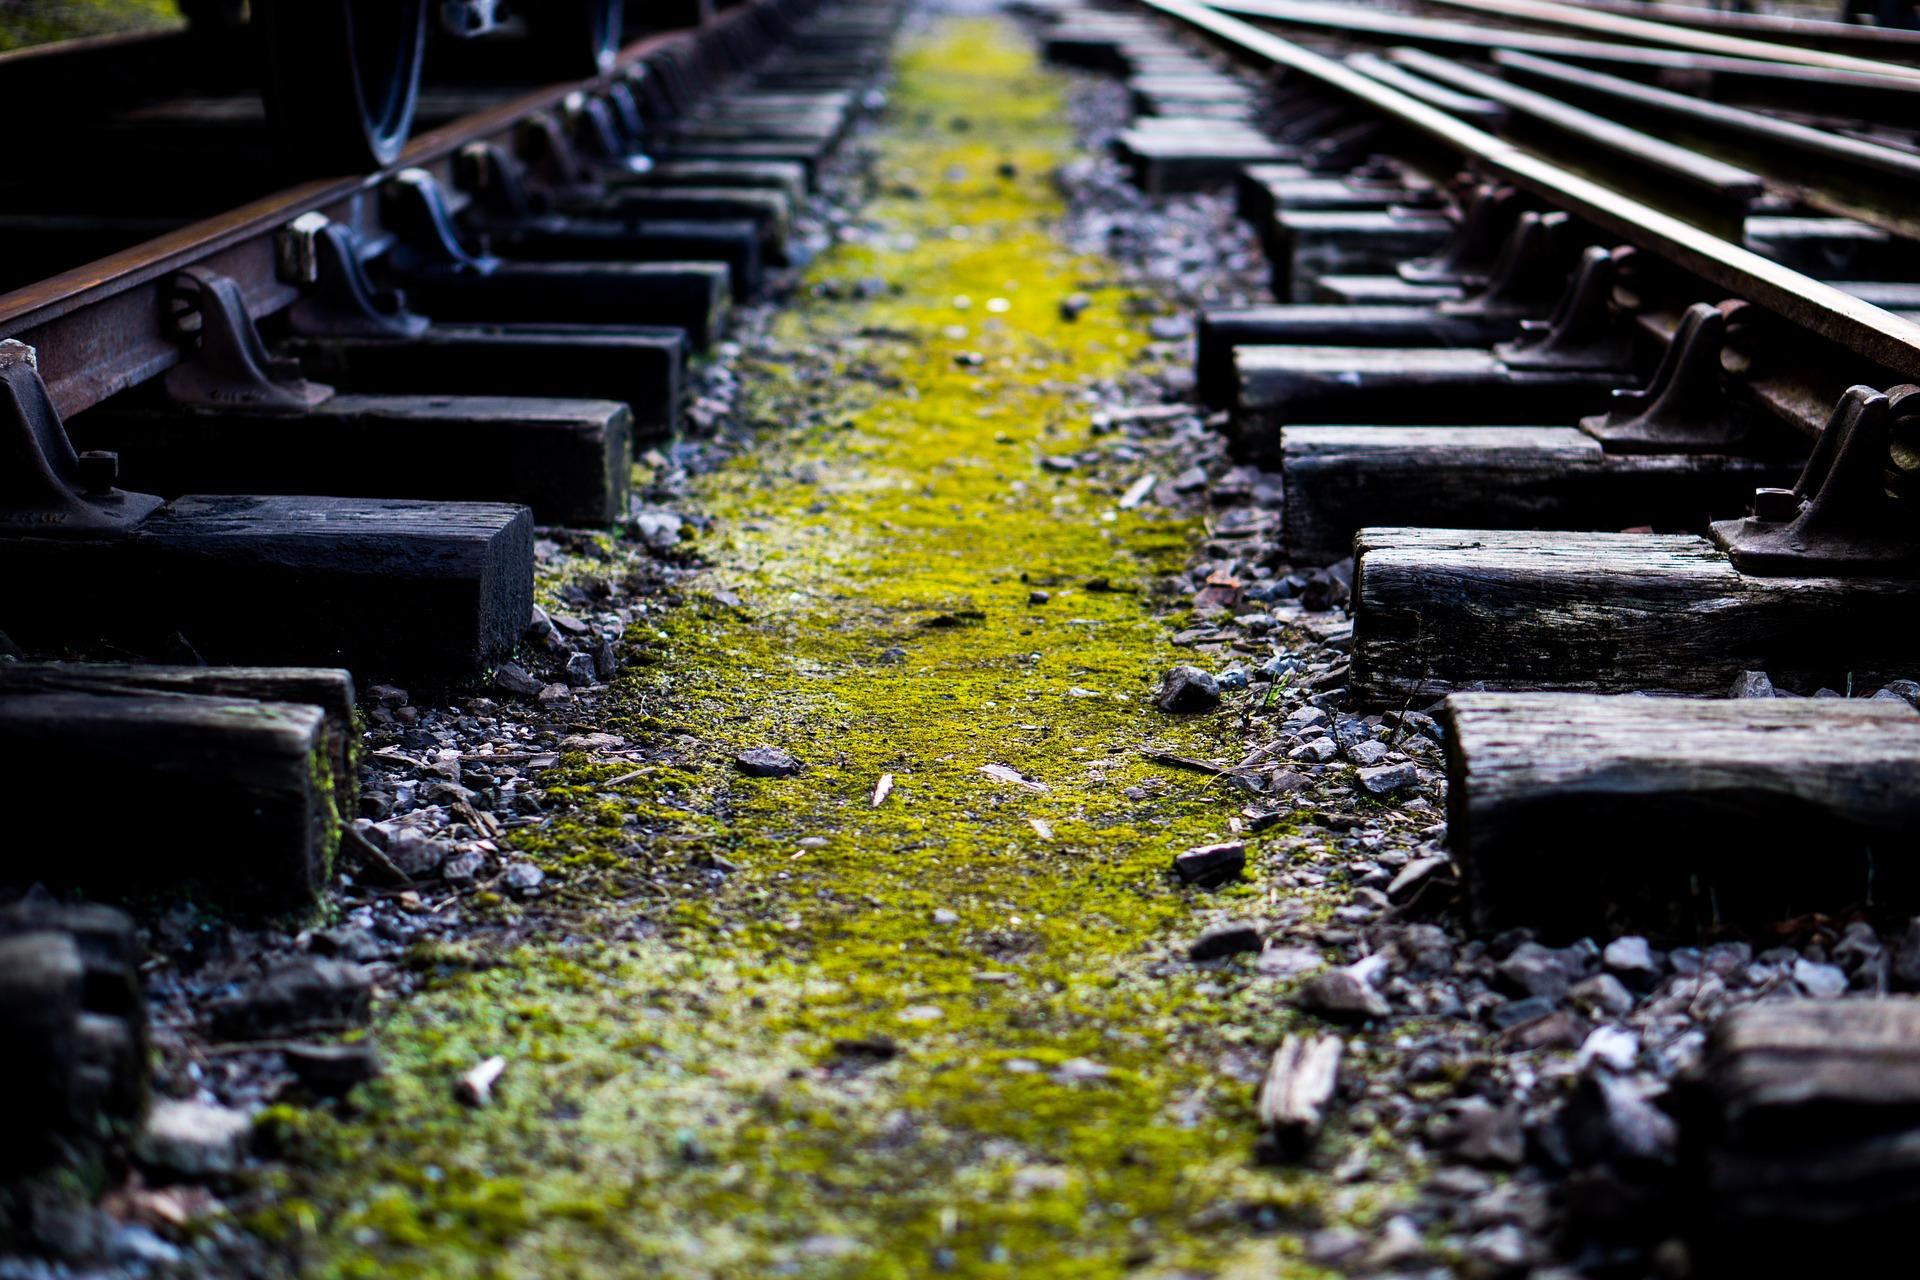 vías de tren, tren, ferrocarril, línea de tren, musgo, transporte, hierro, ruta, verde - Fondos de Pantalla HD - professor-falken.com